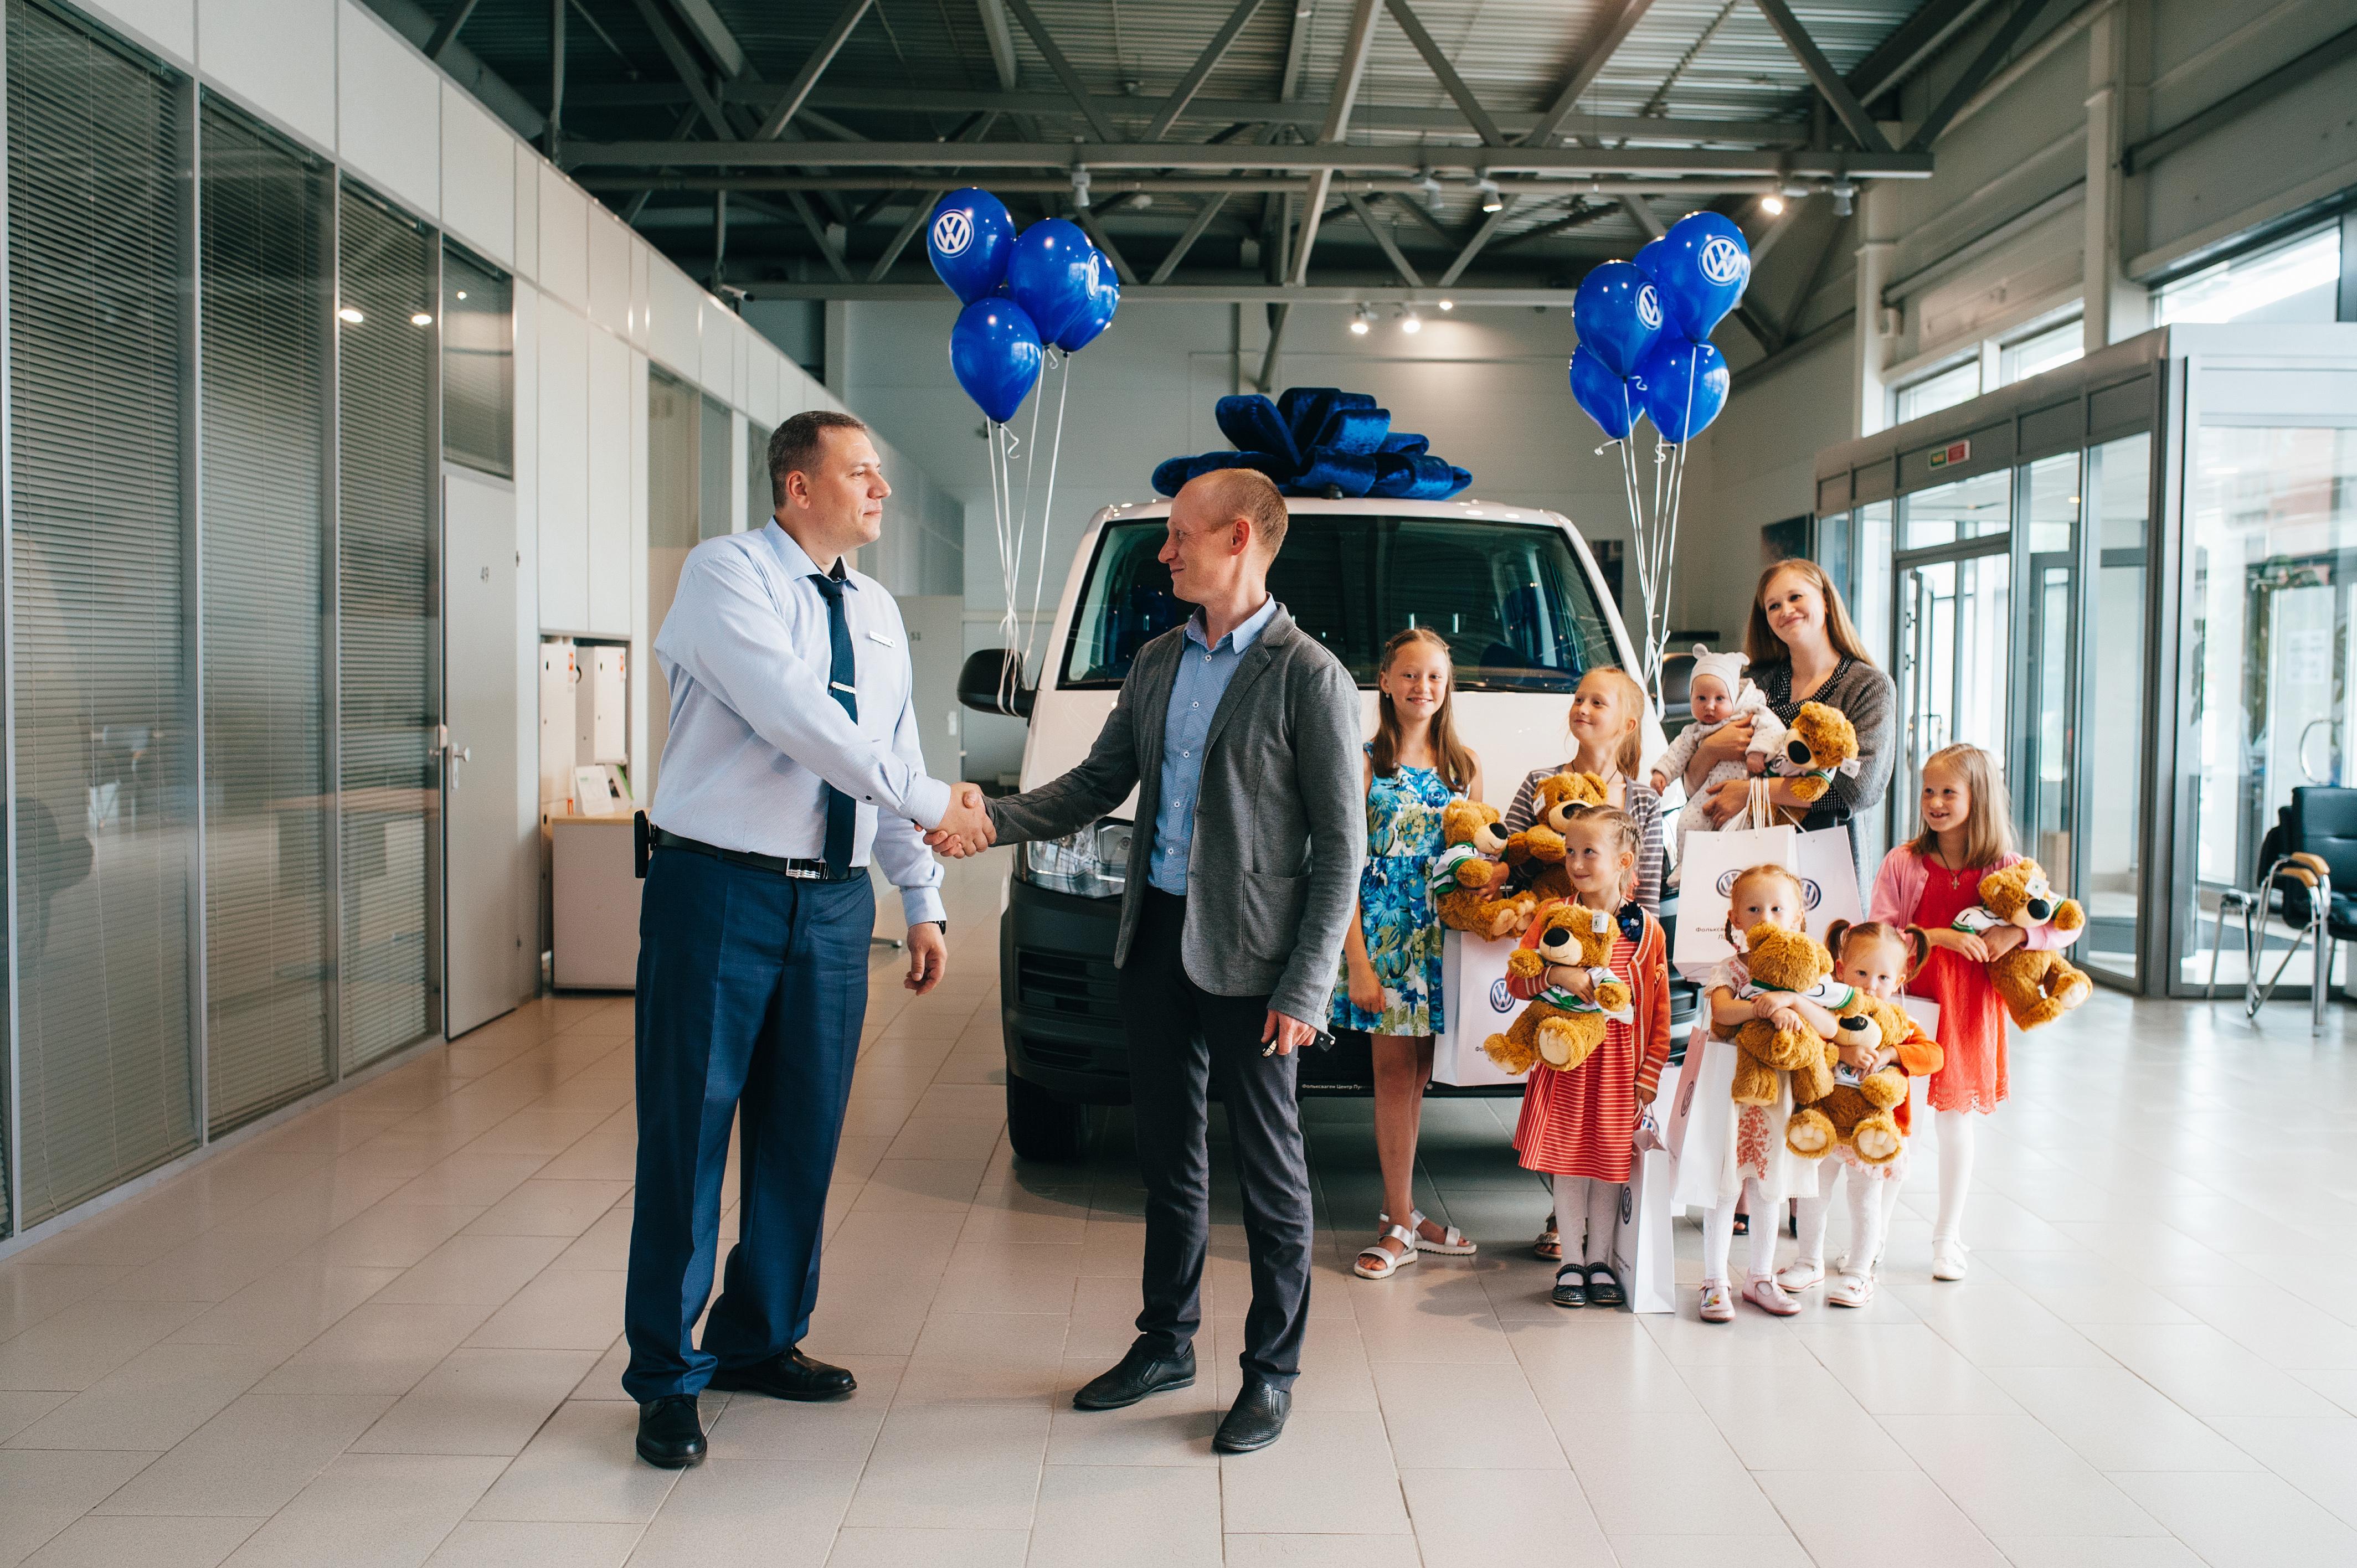 Фольксваген Центр Лахта передалавтомобиль Volkswagen Transporterмногодетной семье